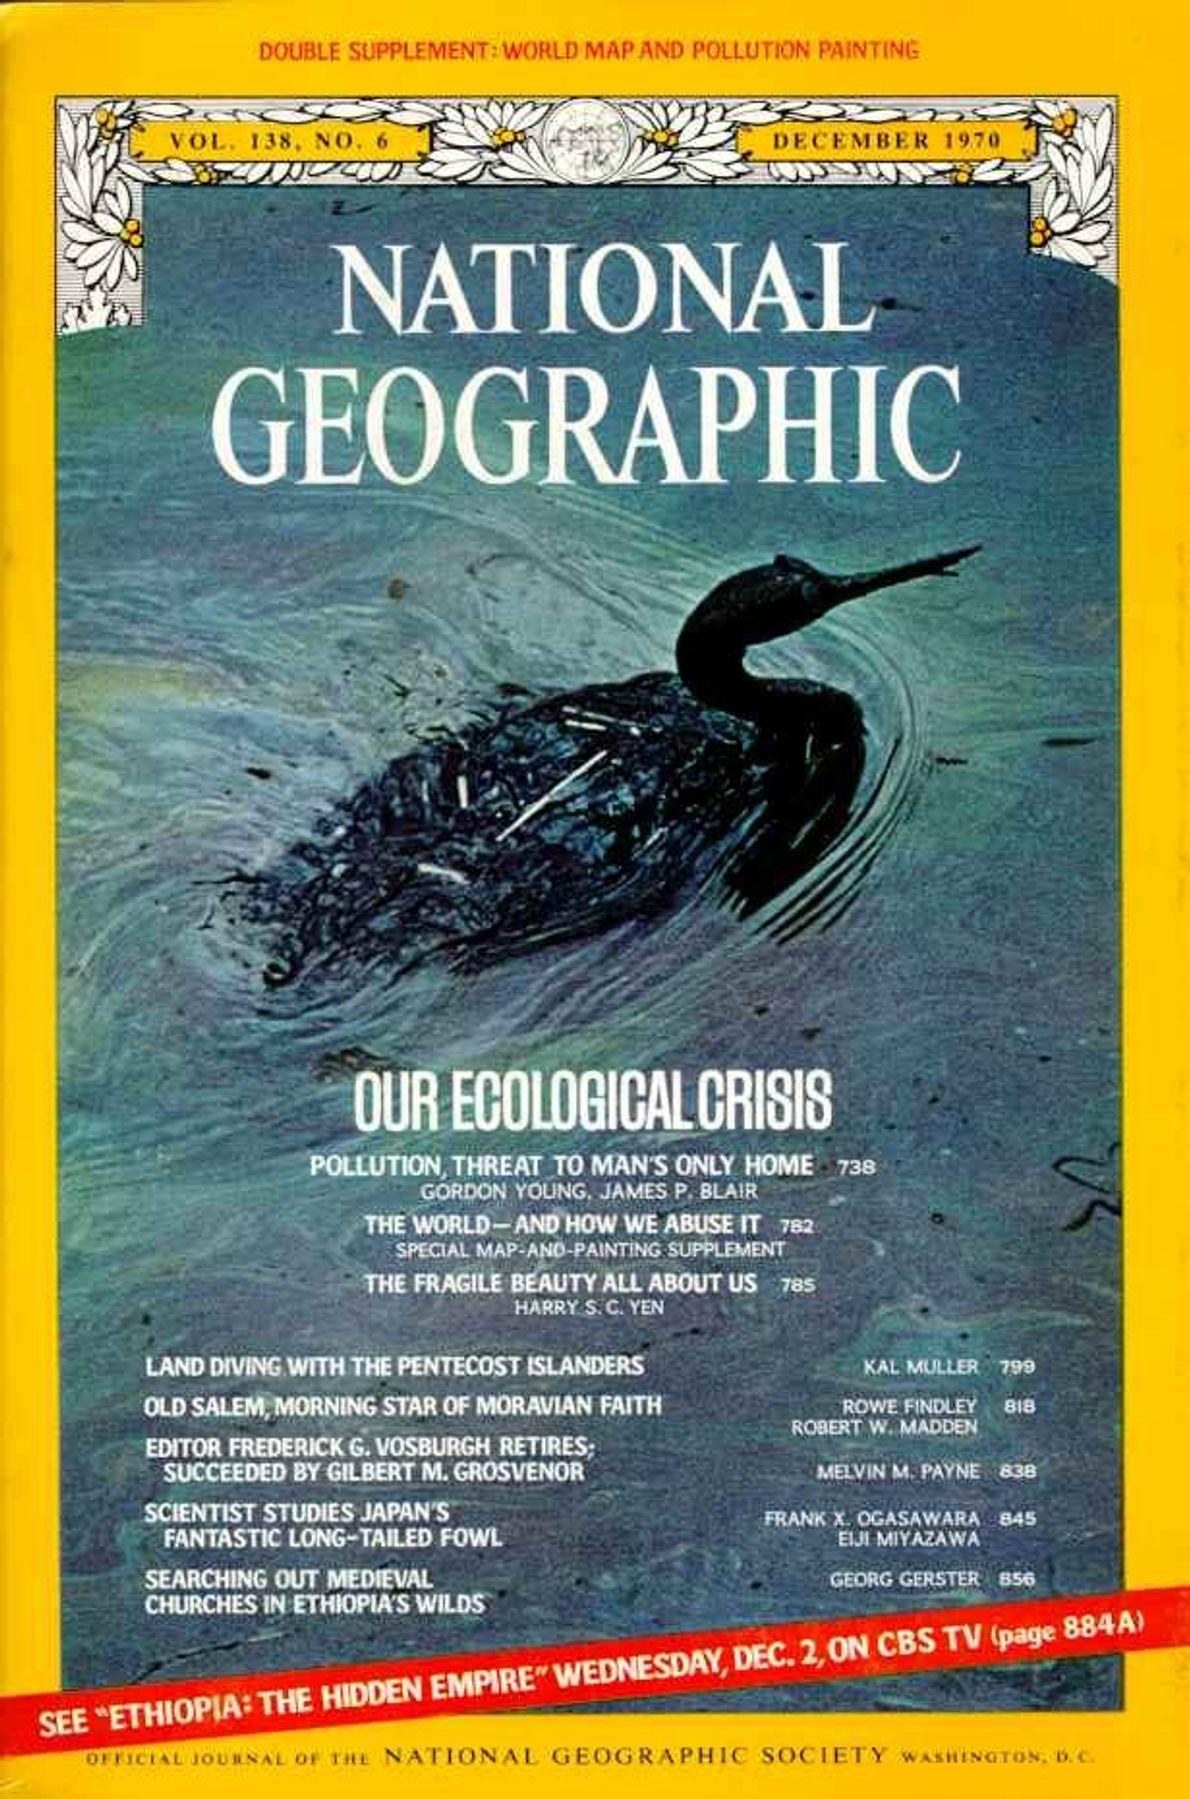 Diciembre 1970: crisis ecológica